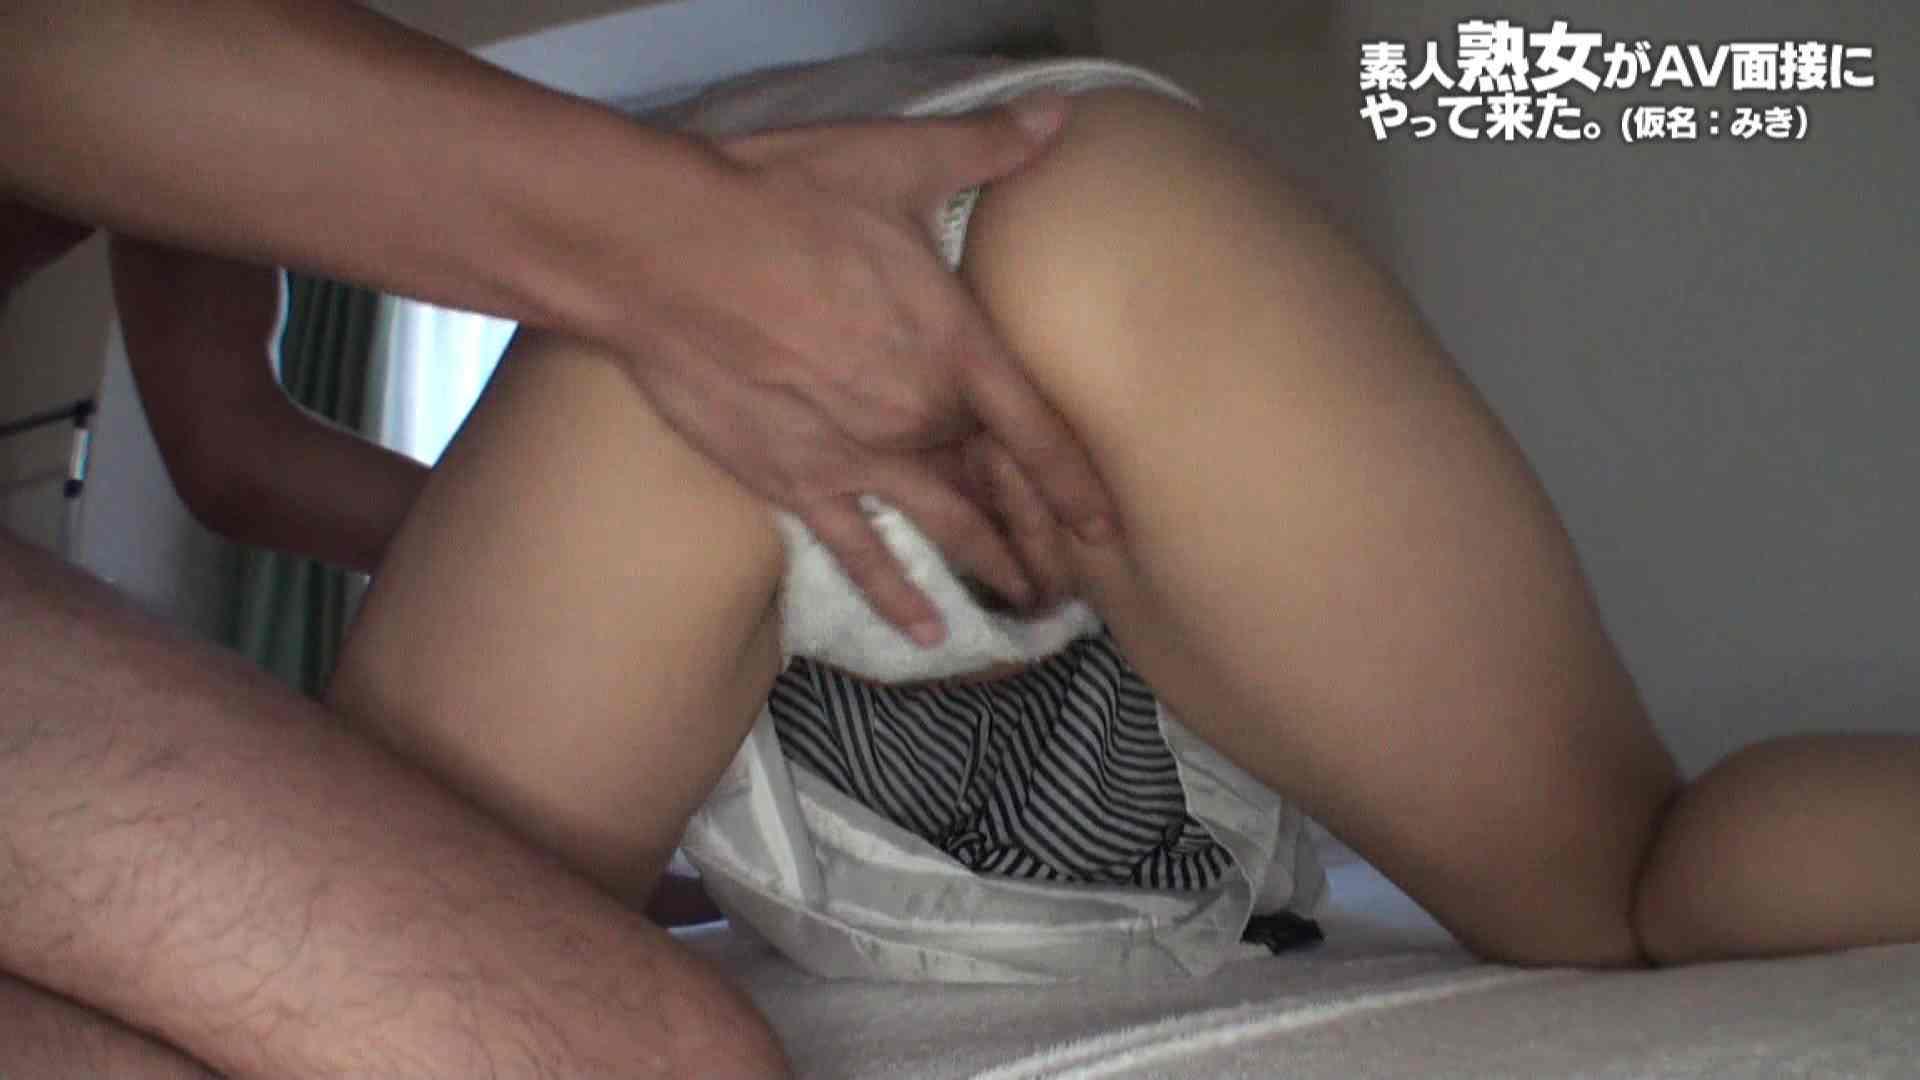 素人熟女がAV面接にやってきた (熟女)みきさんVOL.04(前編) 熟女 ぱこり動画紹介 82PIX 34